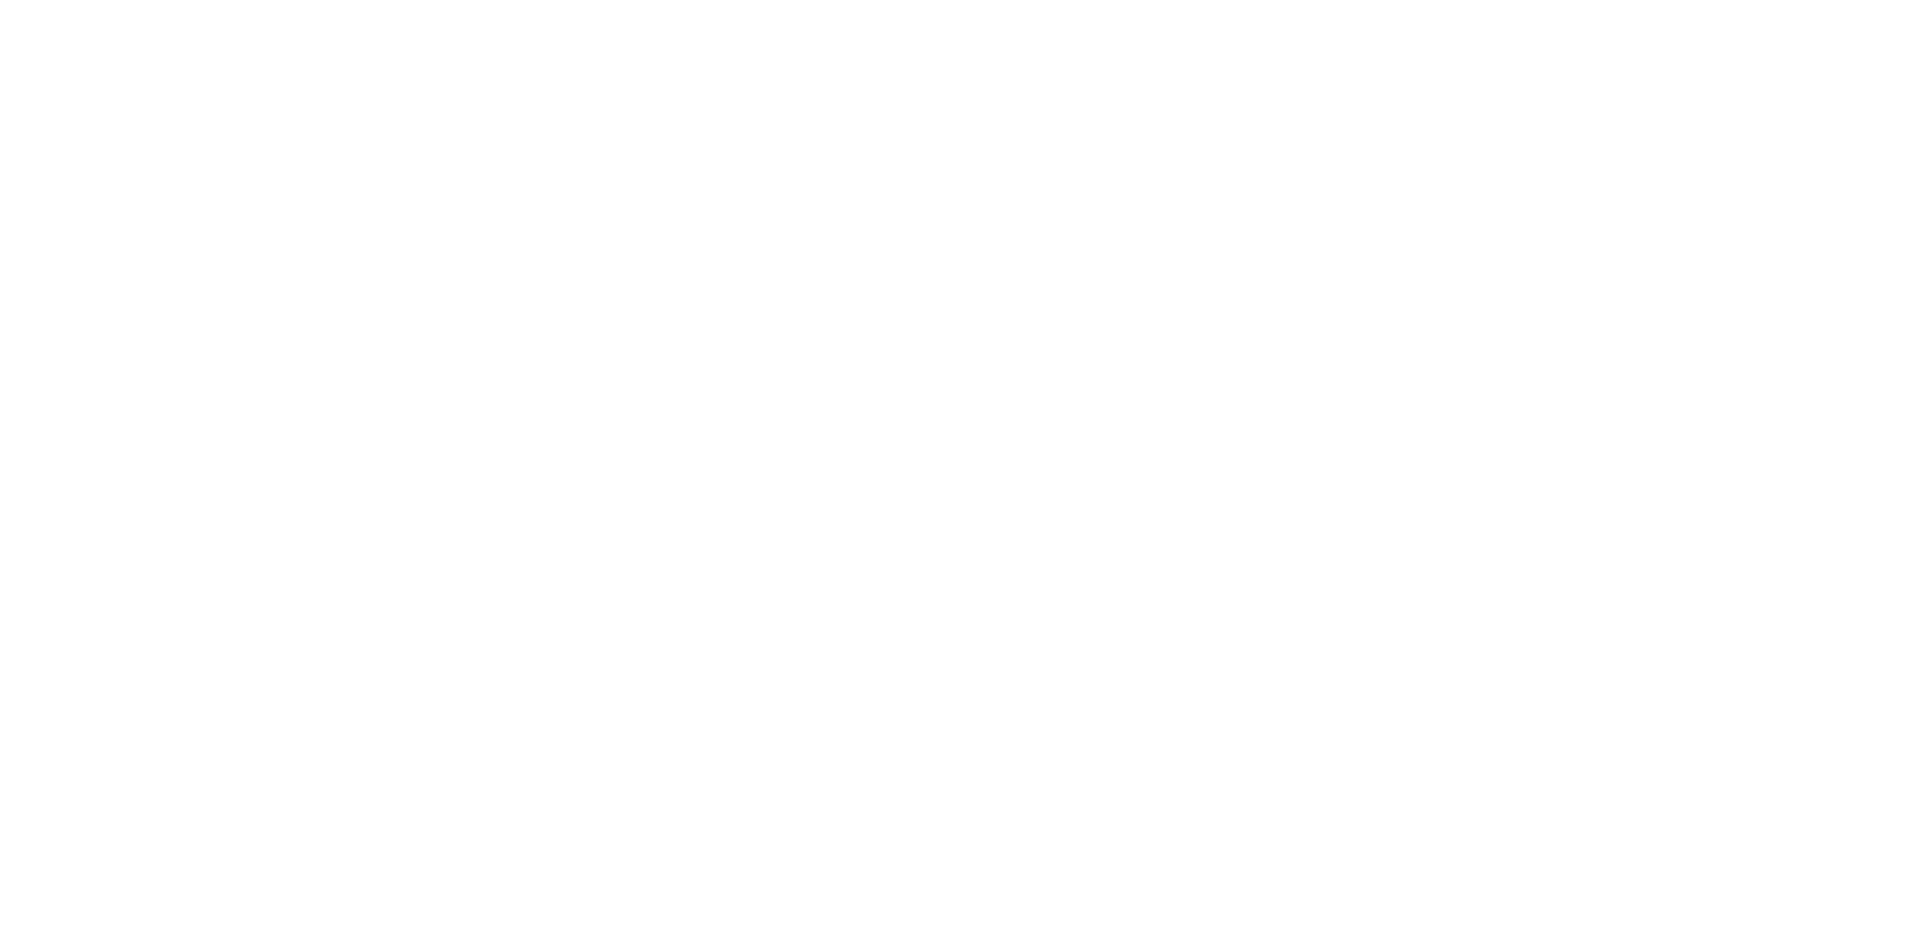 Série Talk About - Juiz de Fora